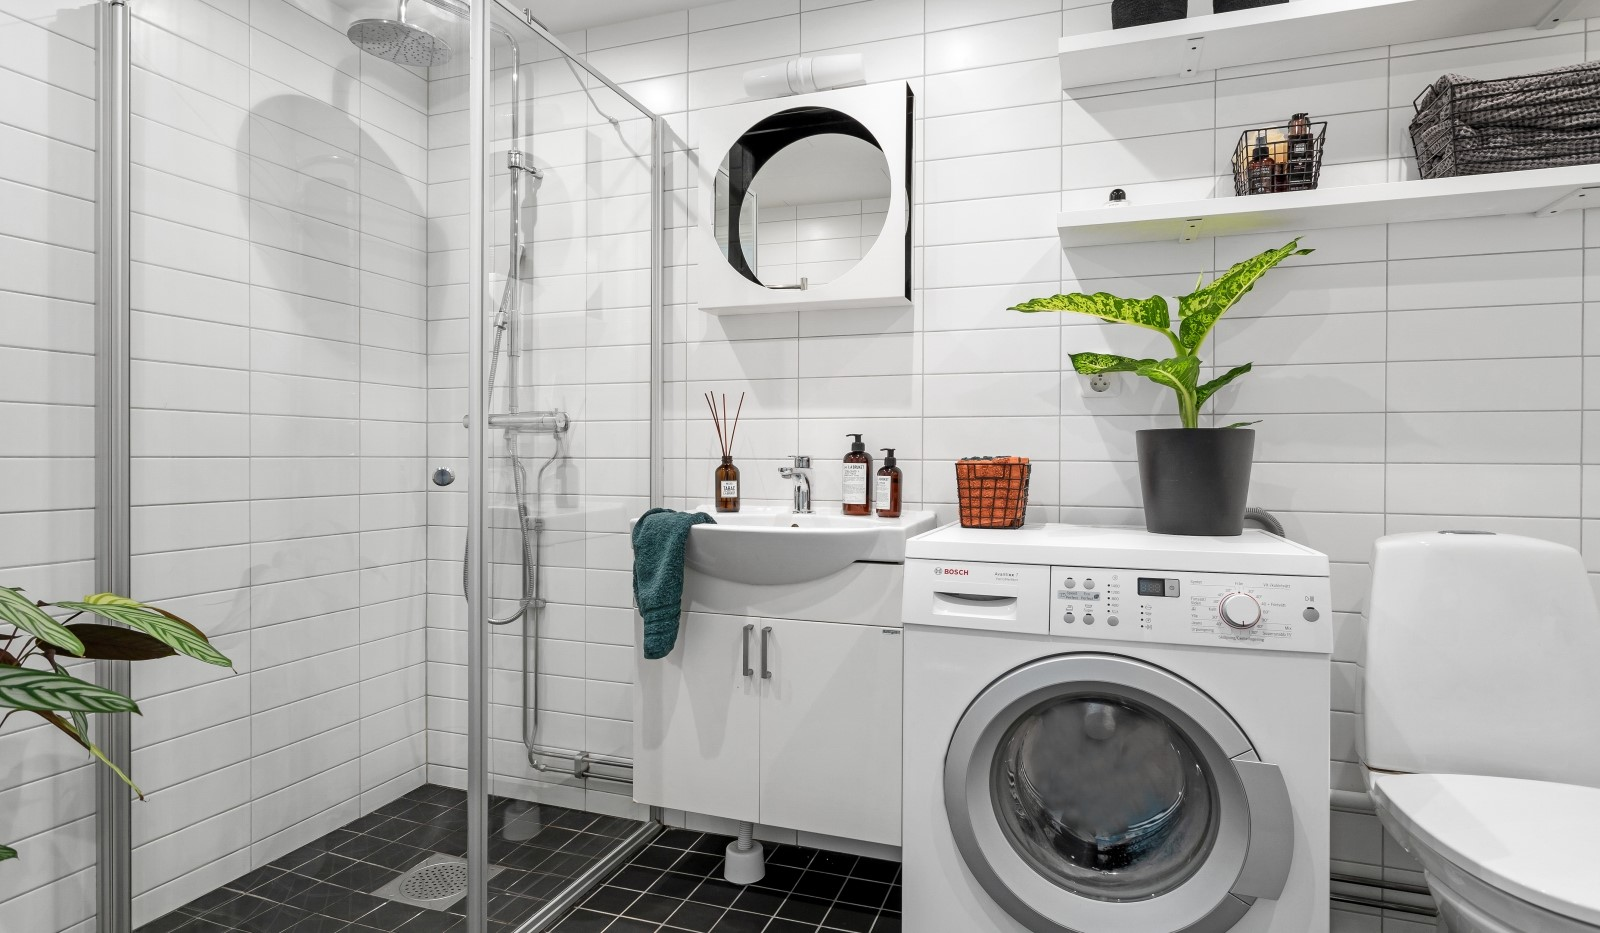 Kocksgatan 42 - Stort och fräscht badrum